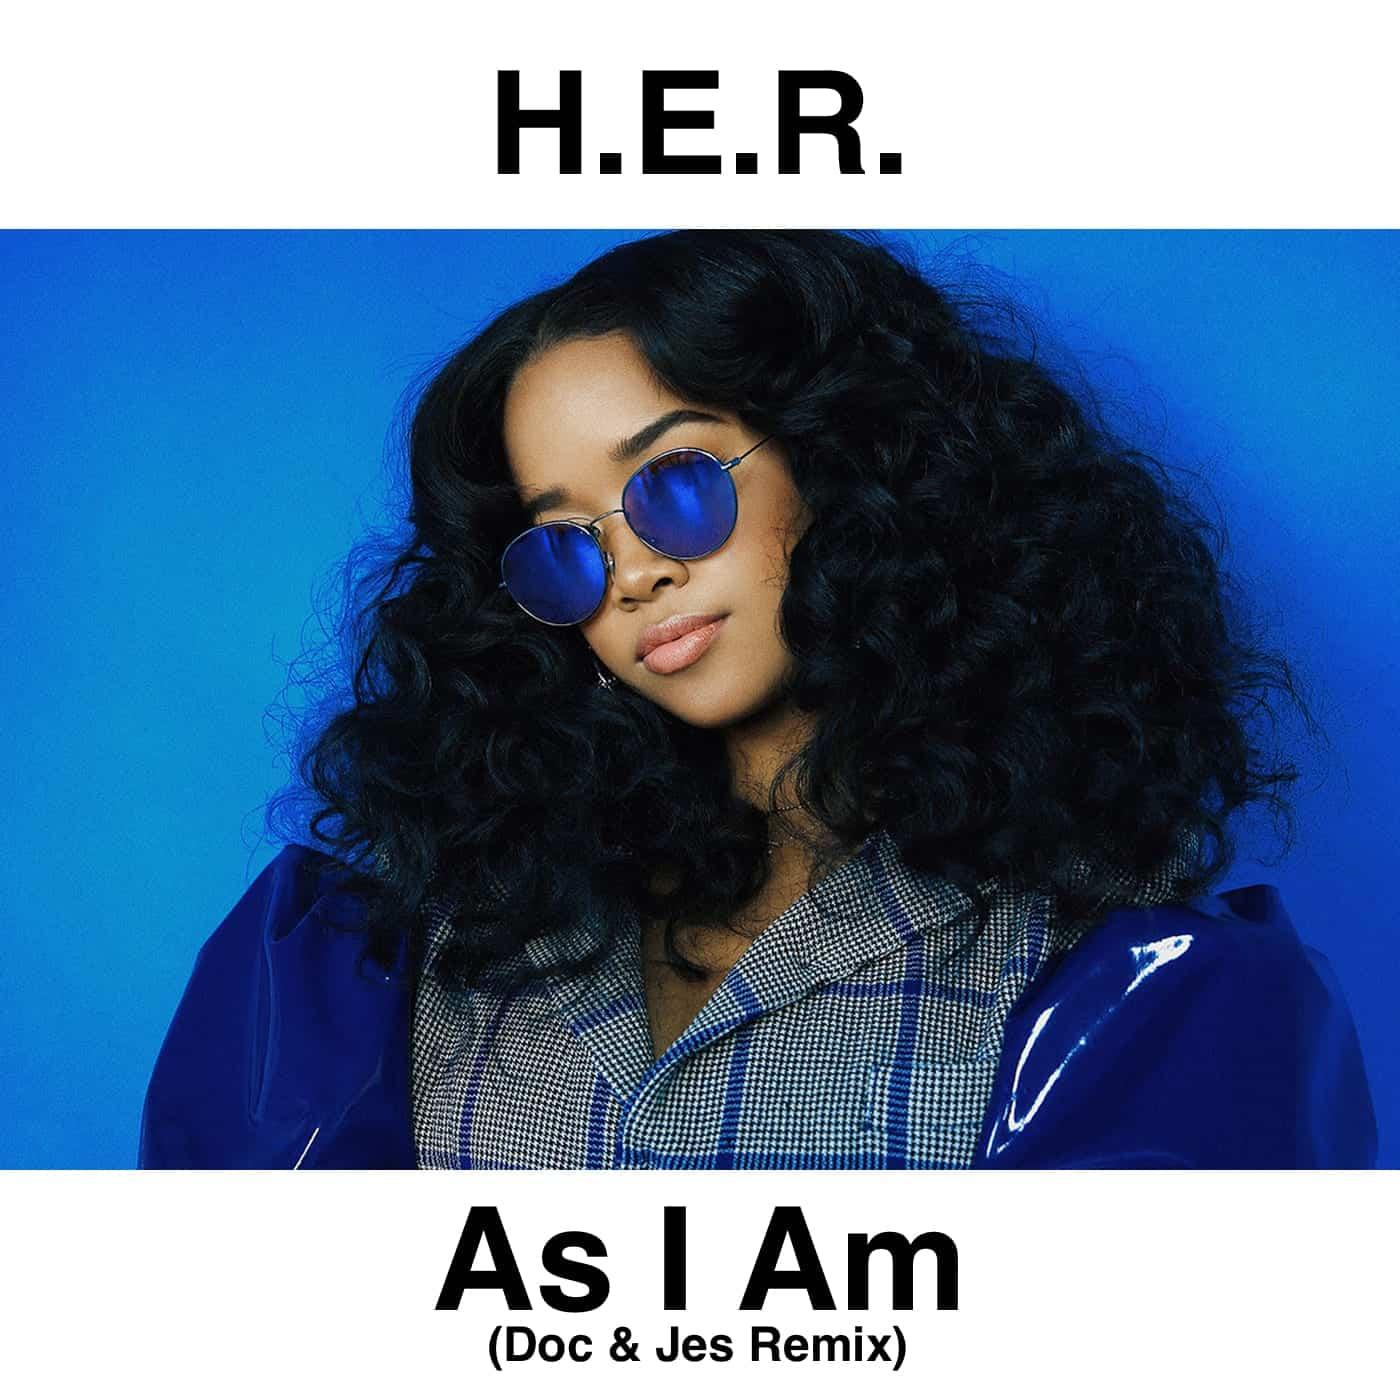 H.E.R. x As I Am (Doc & Jes Remix)